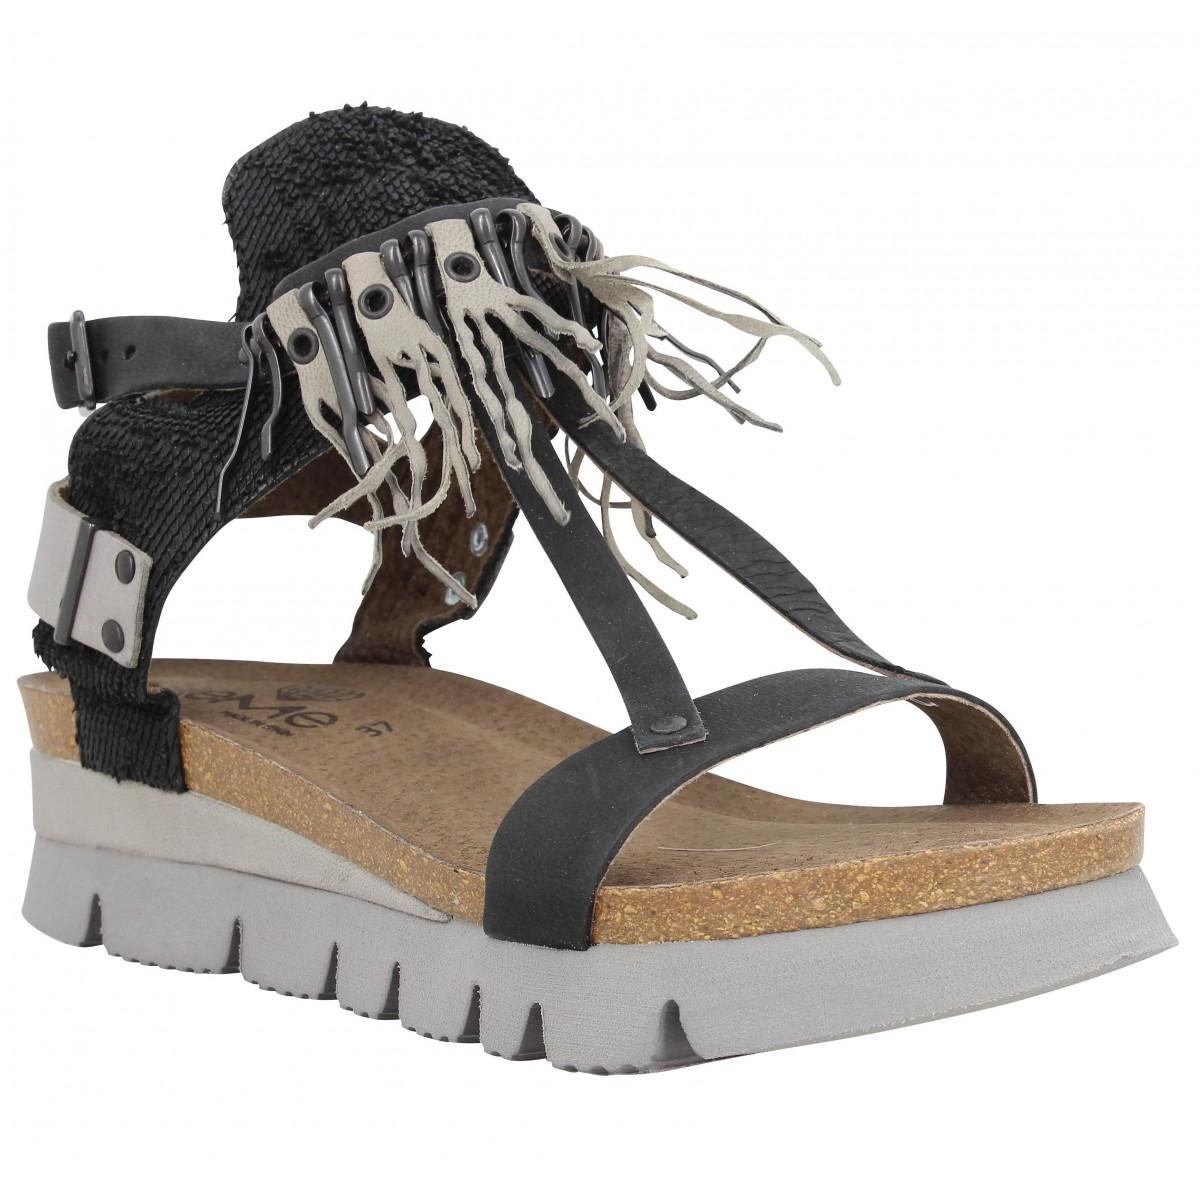 Nu-pieds TAKE ME Isa170 cuir Femme Noir